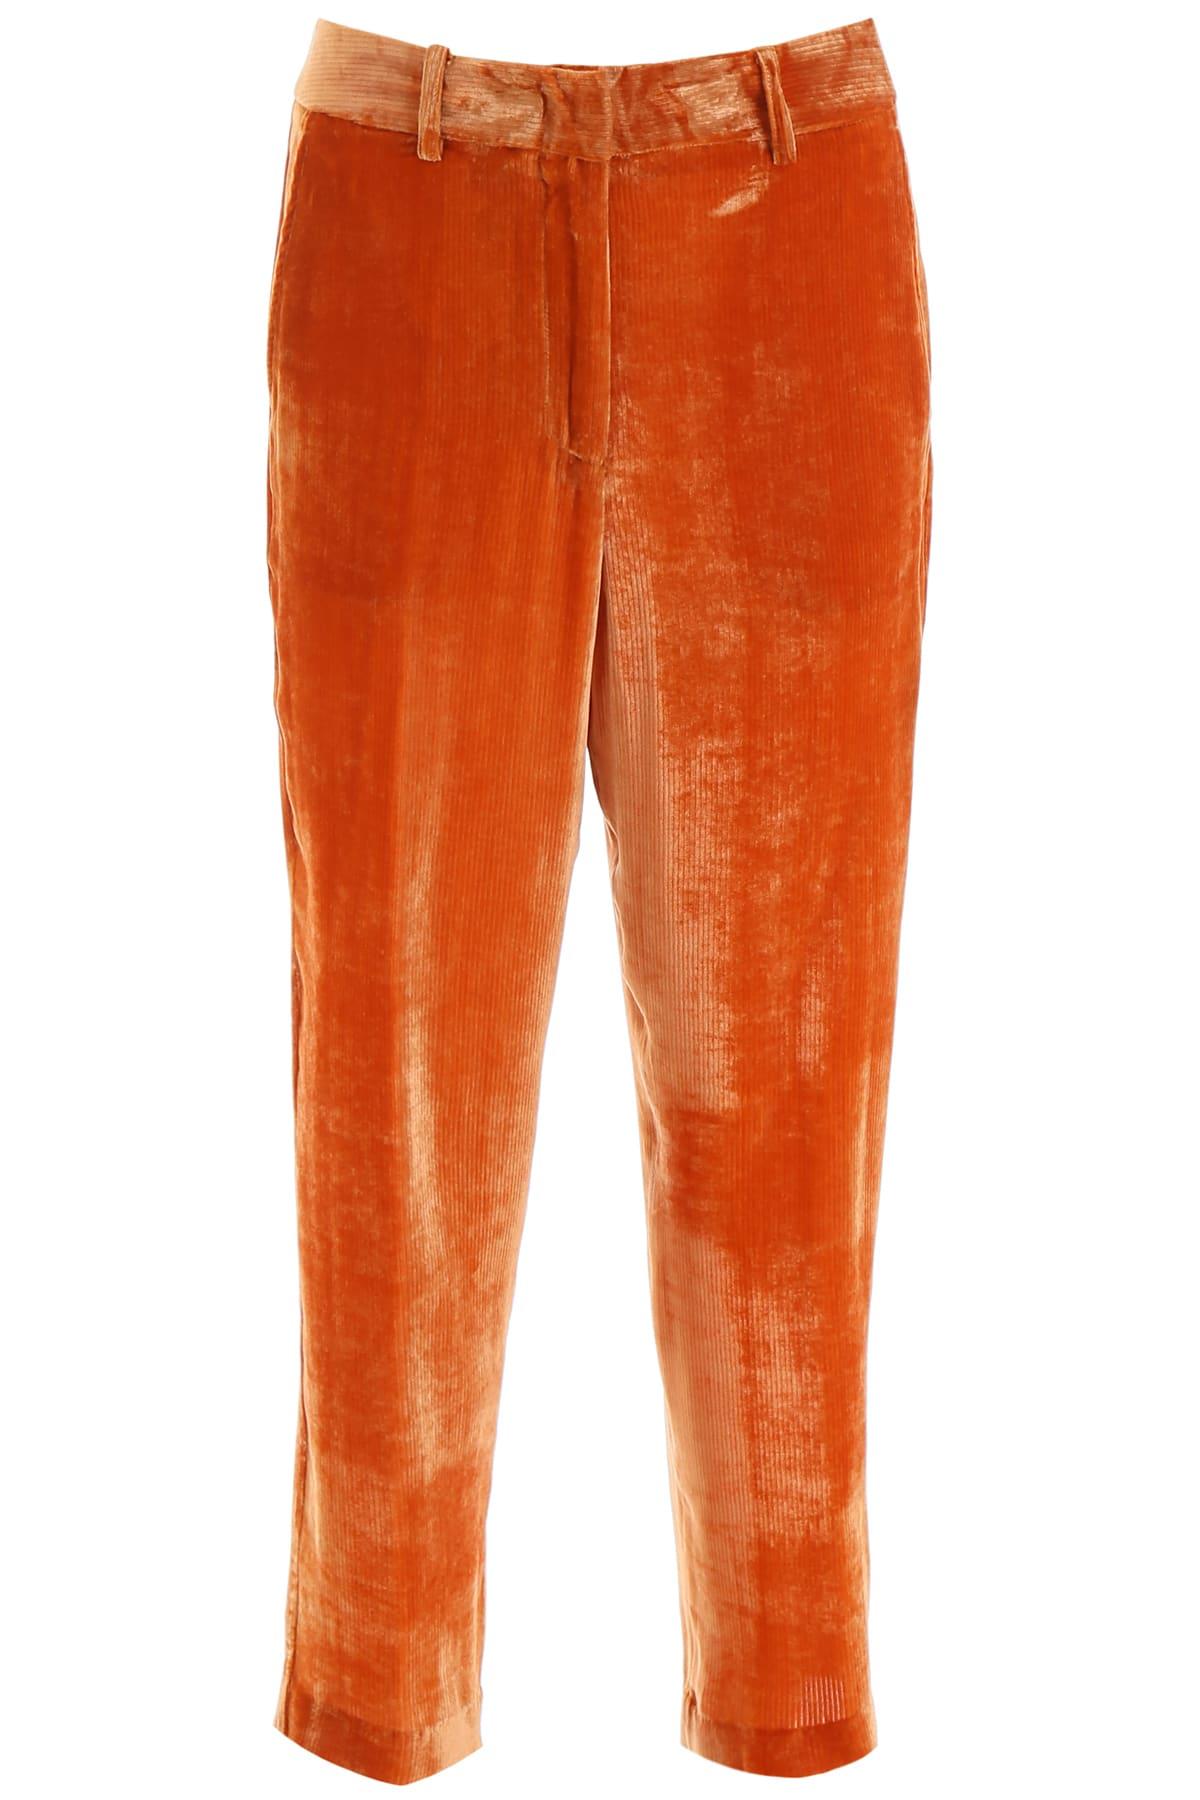 Sies Marjan Velvet Trousers